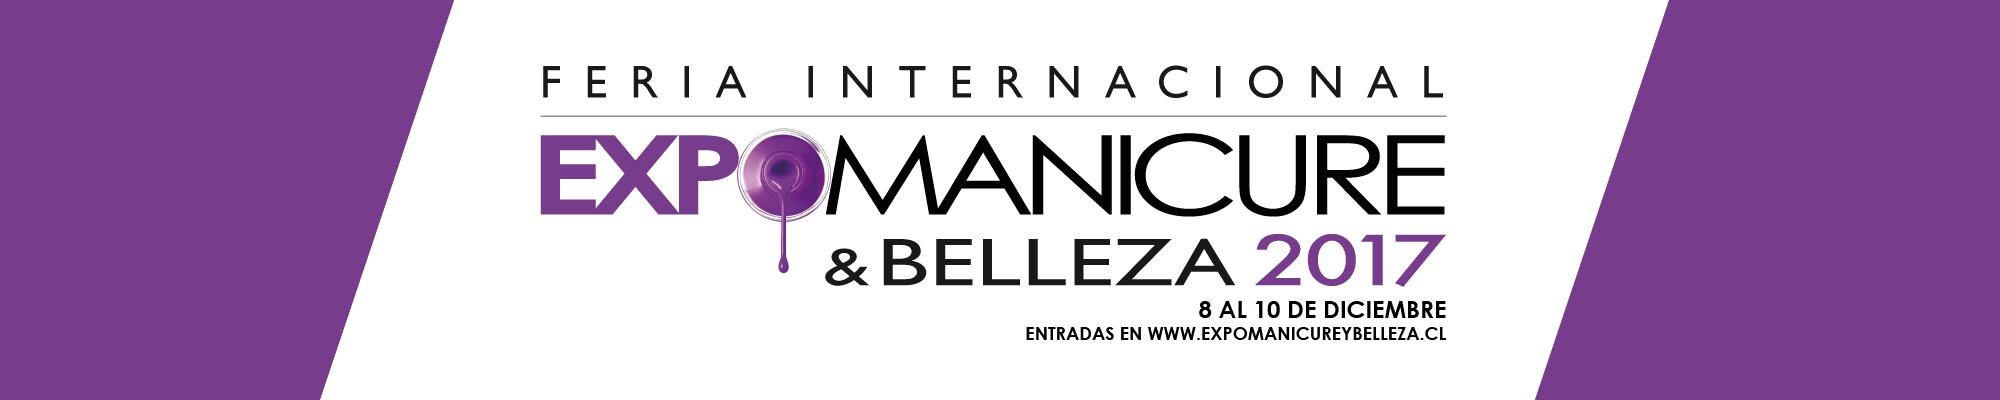 Expomanicure y Belleza 2017